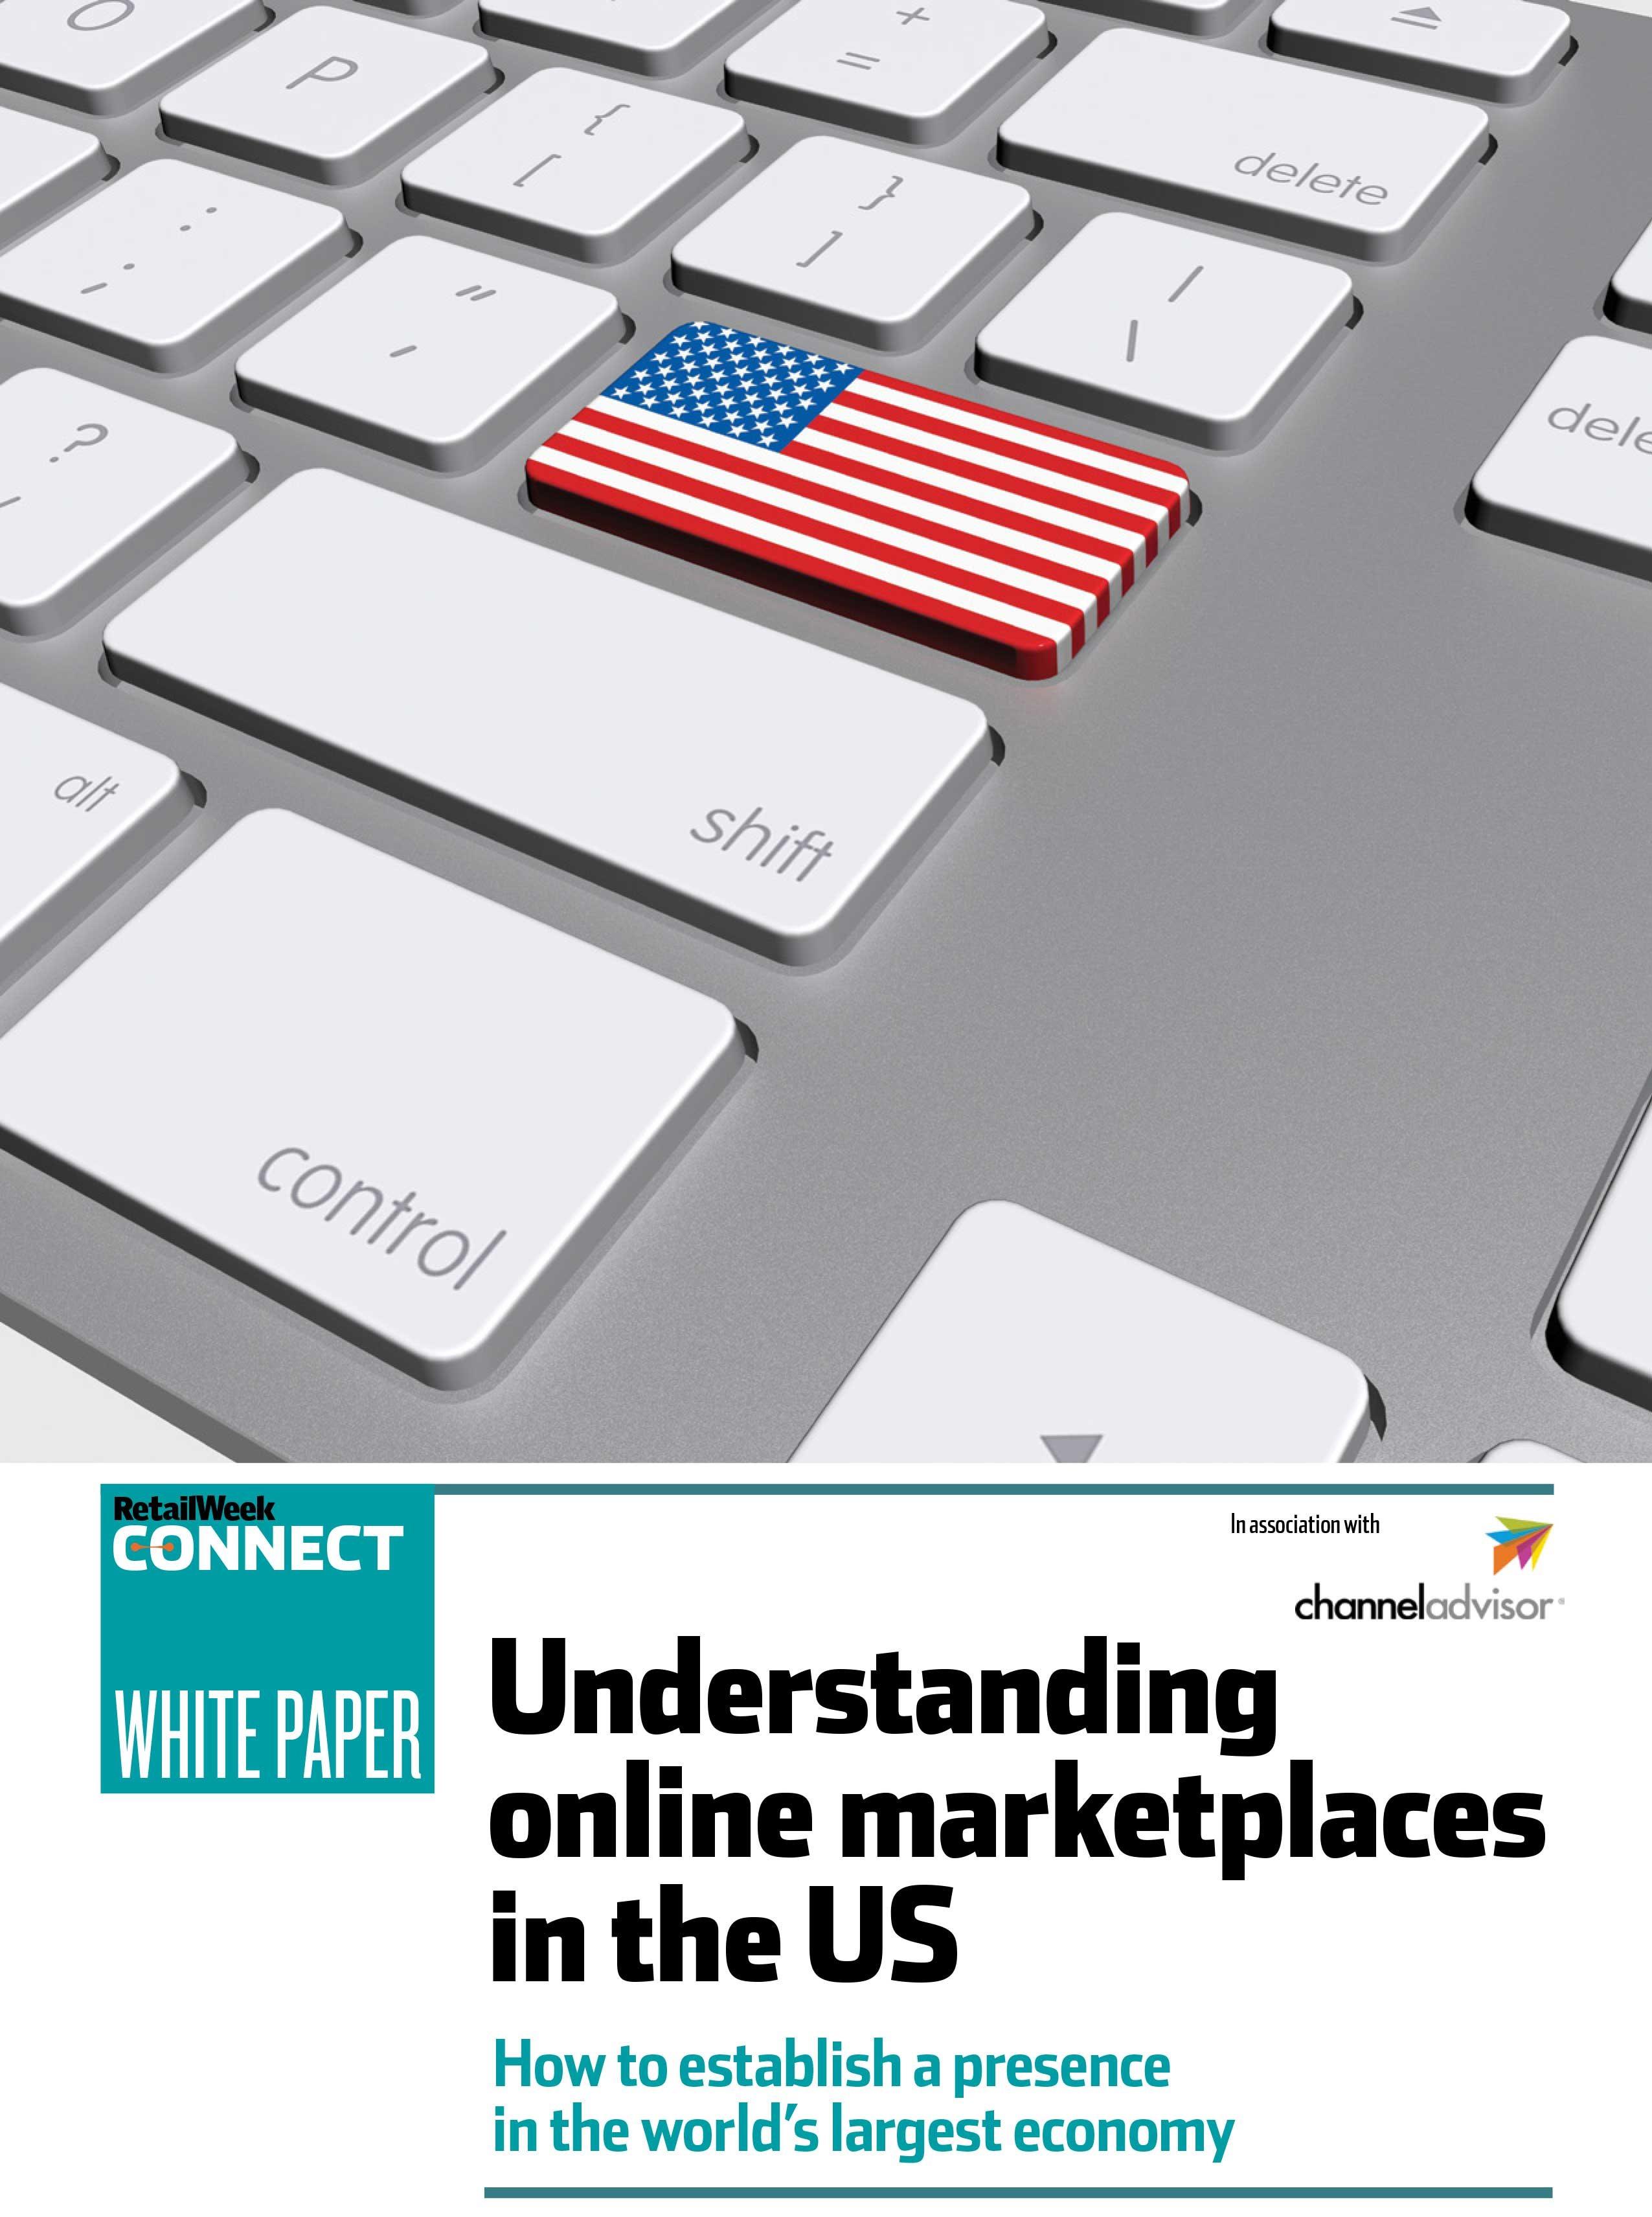 ChannelAdvisor white paper cover